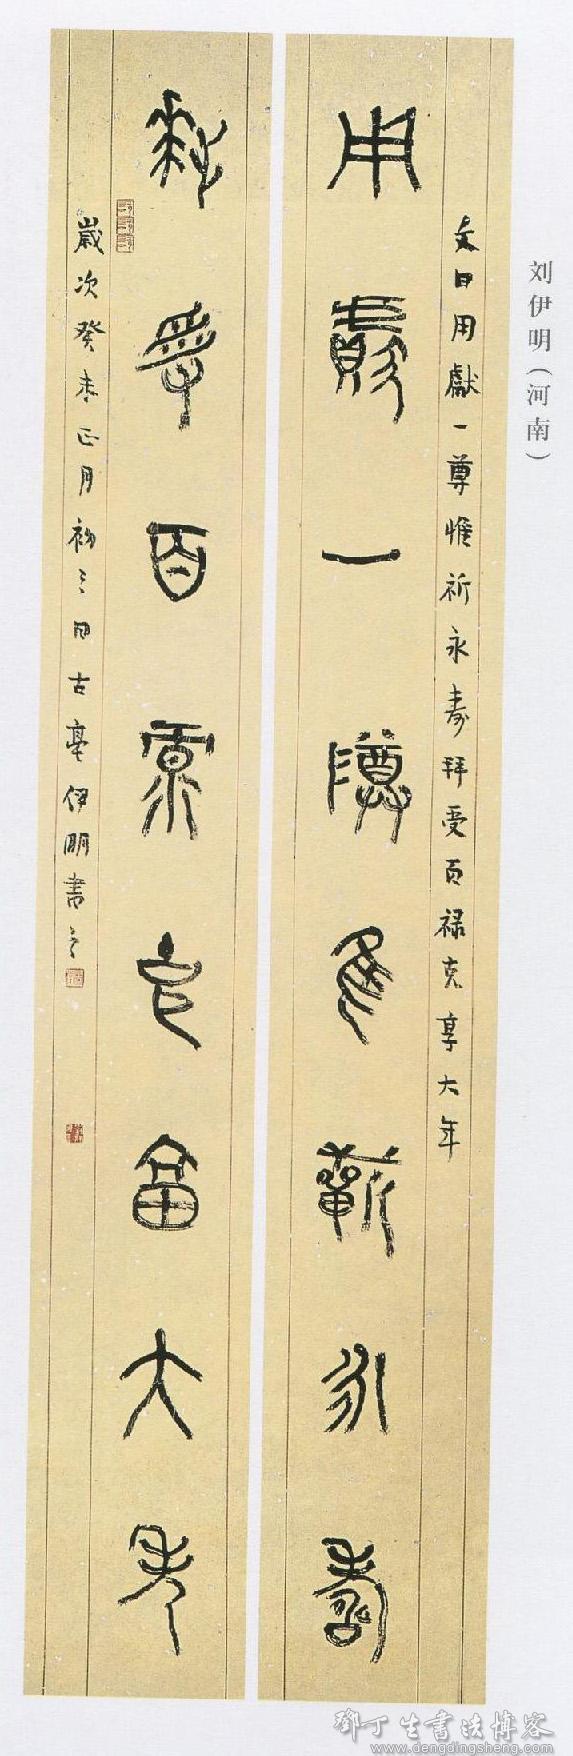 兰亭百家:刘伊明书法作品欣赏(含四届正书展作品)